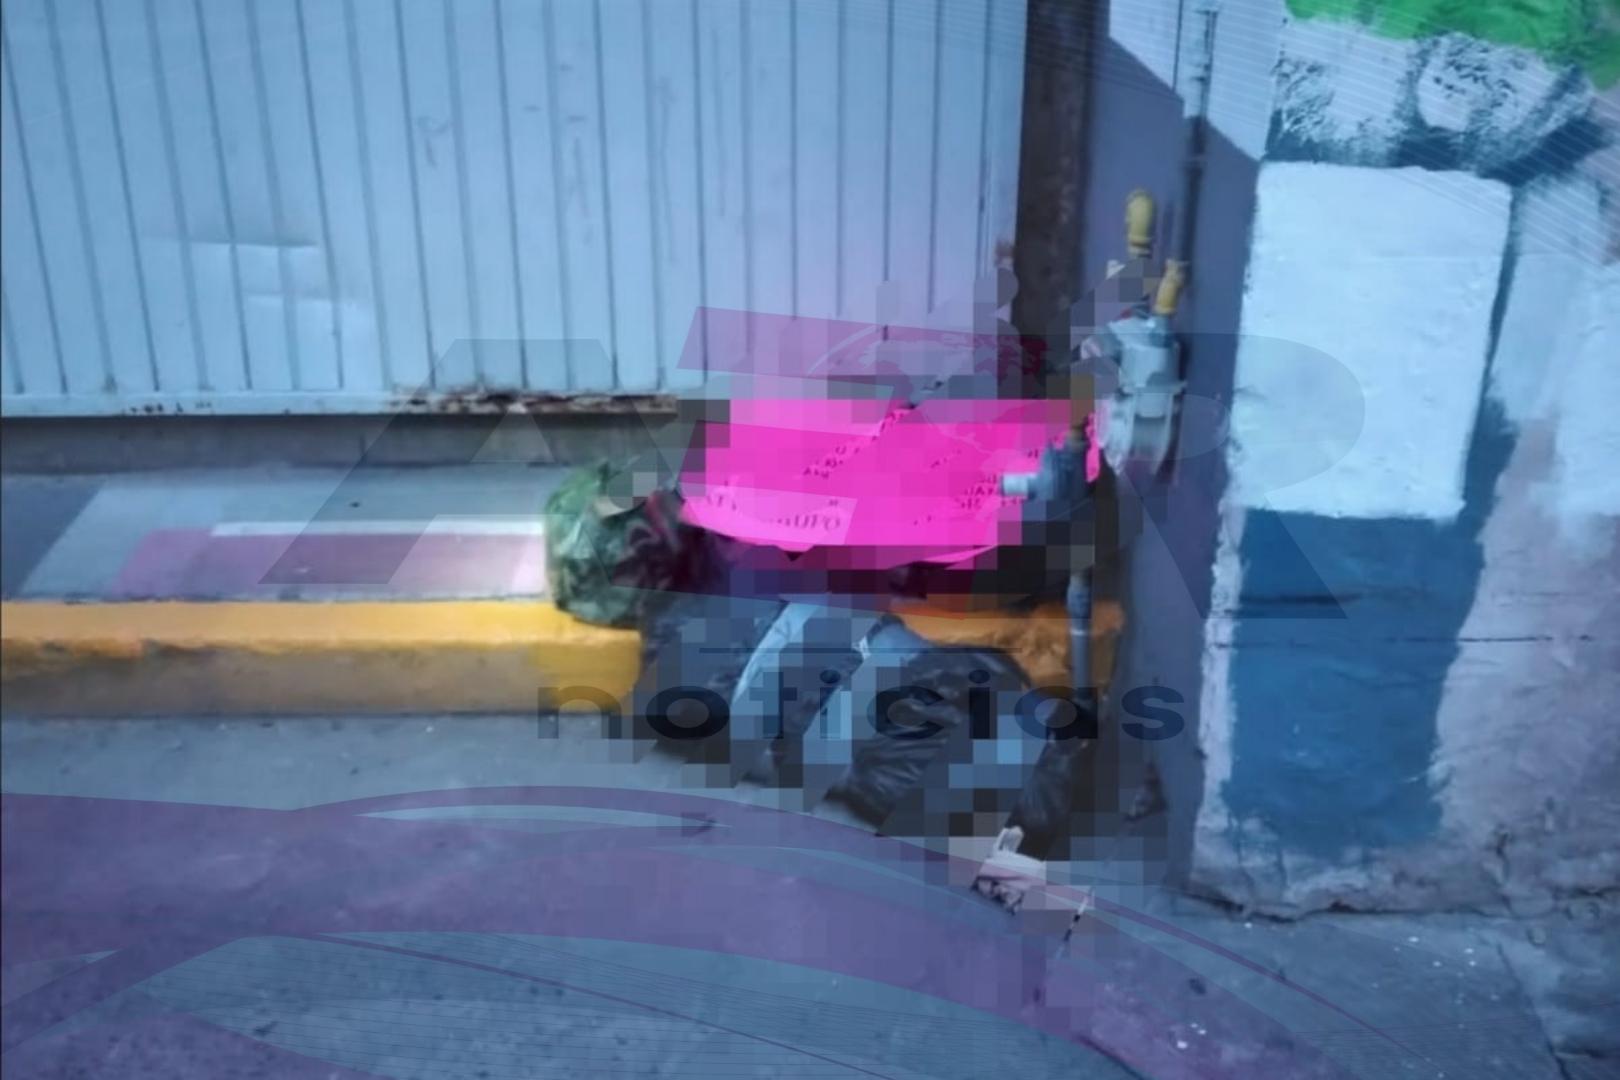 Localizan cabeza y restos humanos en bolsas en distintos puntos en Celaya 8